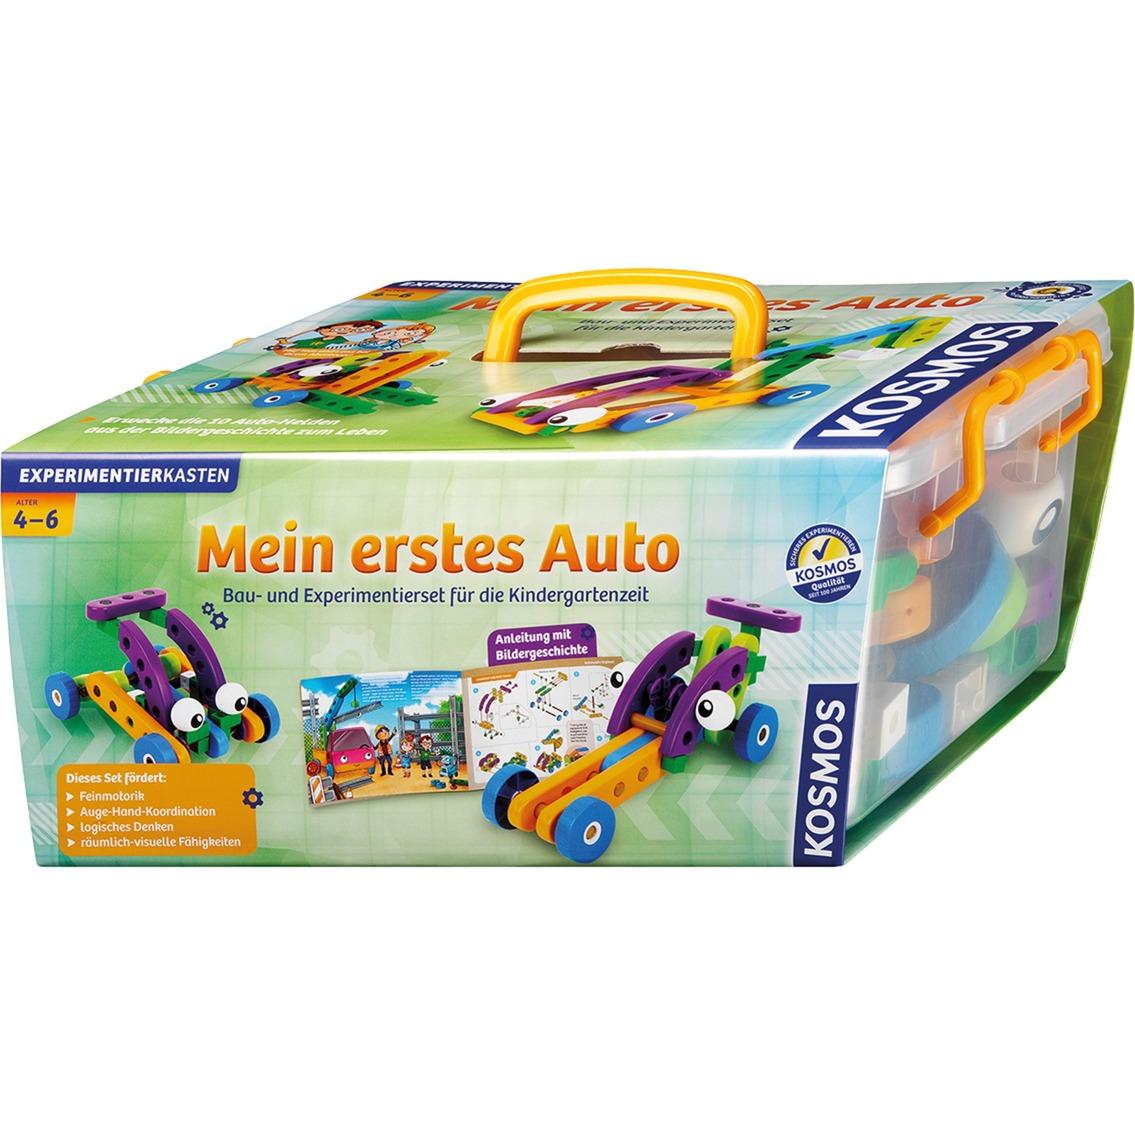 606107 juego de construcción Juego de construcción de varios modelos de vehículos, Caja de experimentos